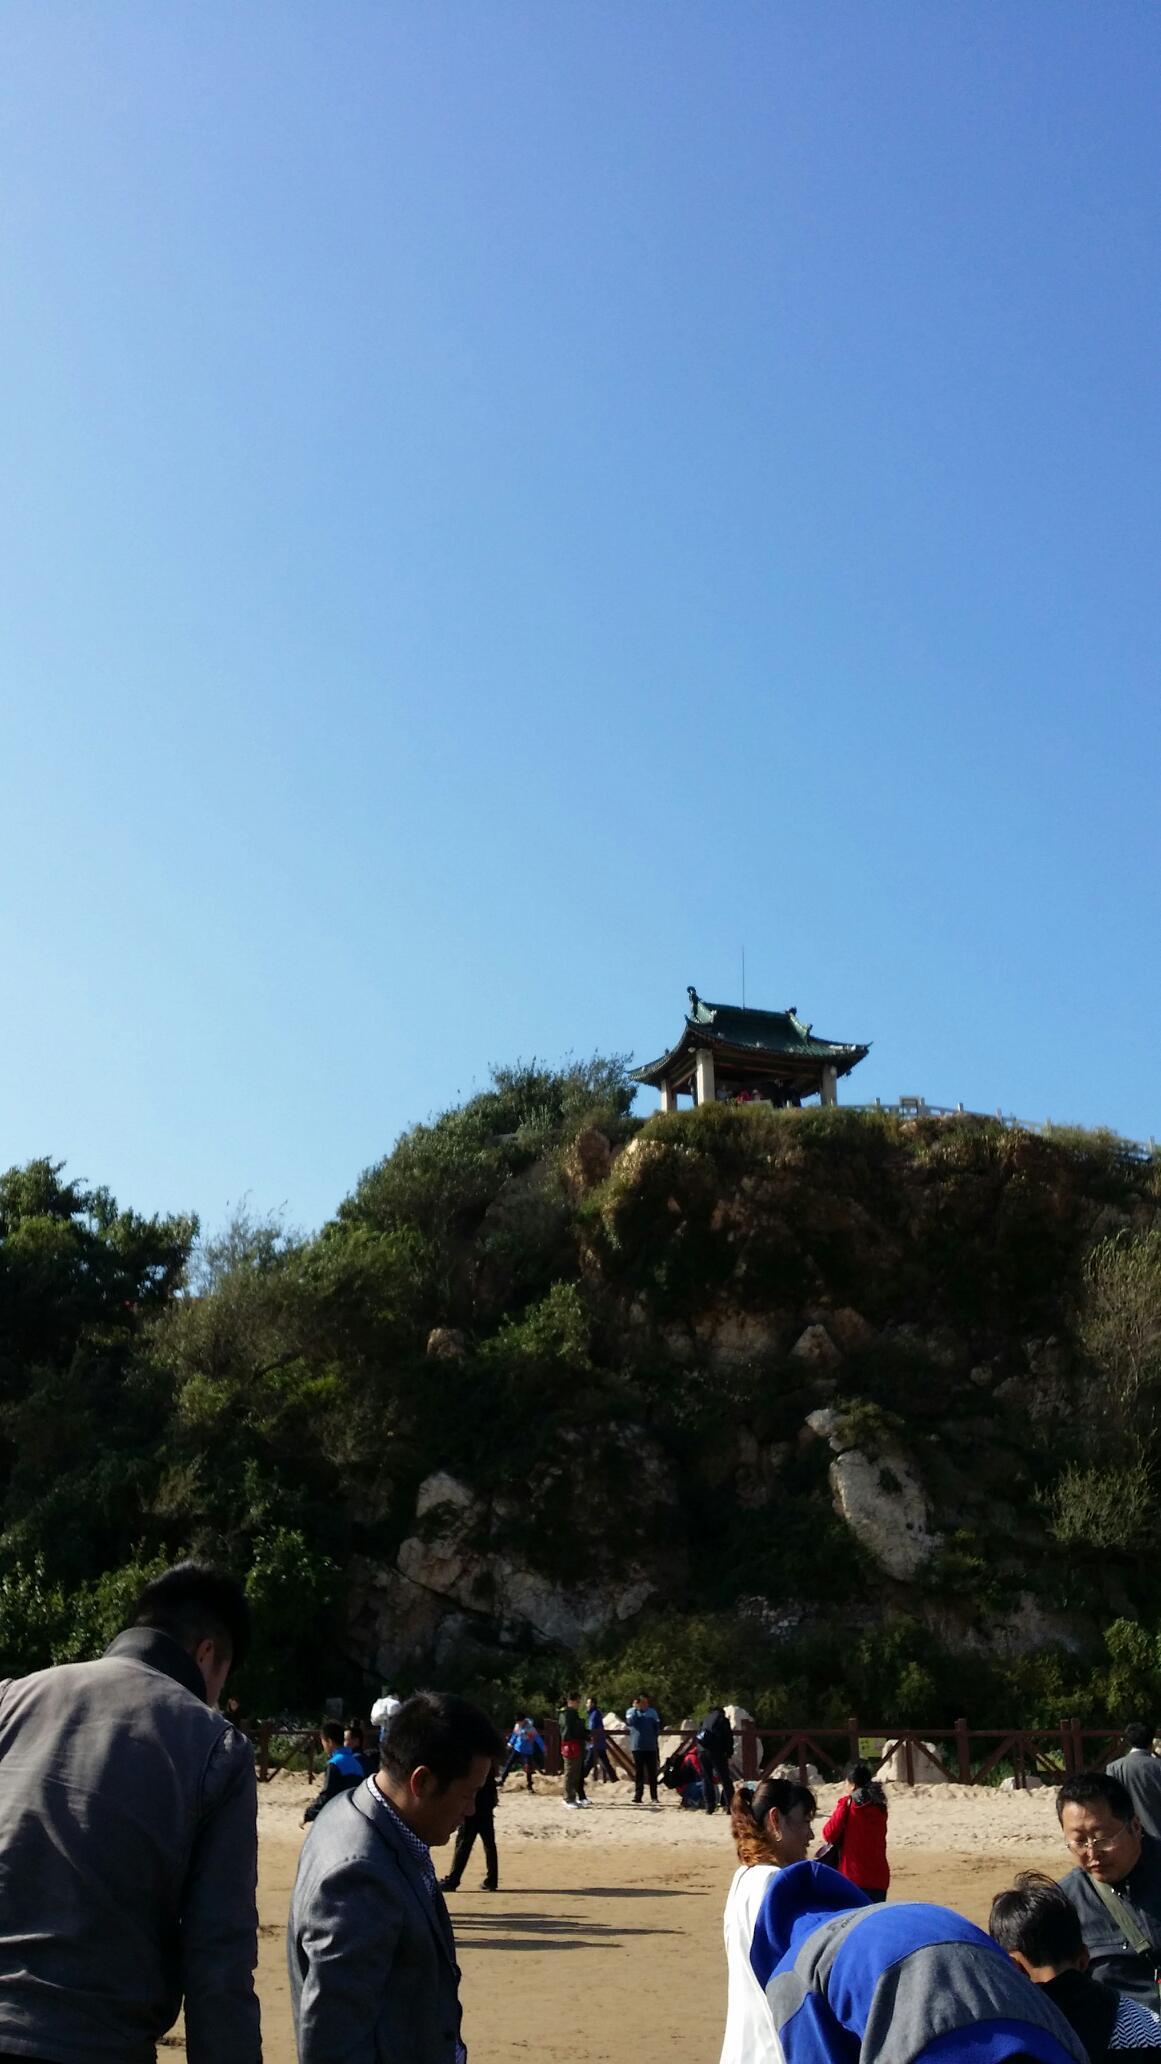 十一唐山秦皇岛自驾游